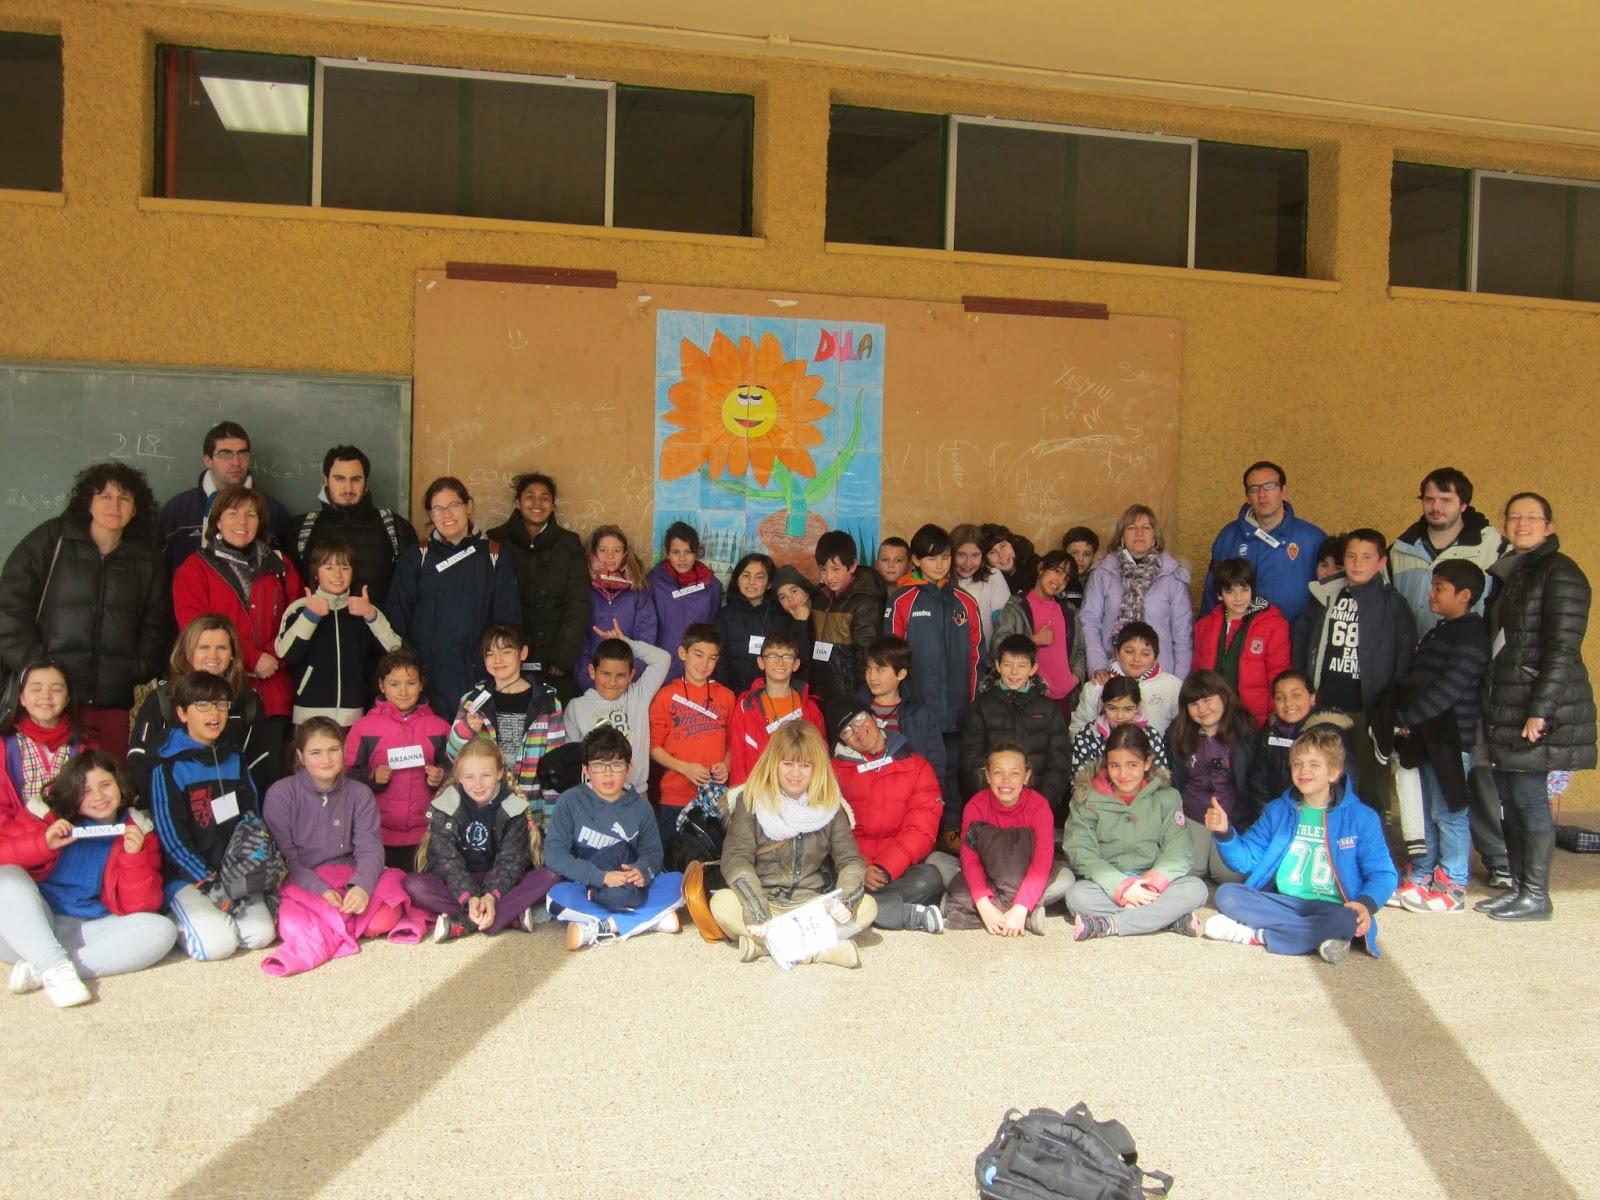 Escuela municipal de jardiner a el pinar febrero 2015 for Escuela de jardineria